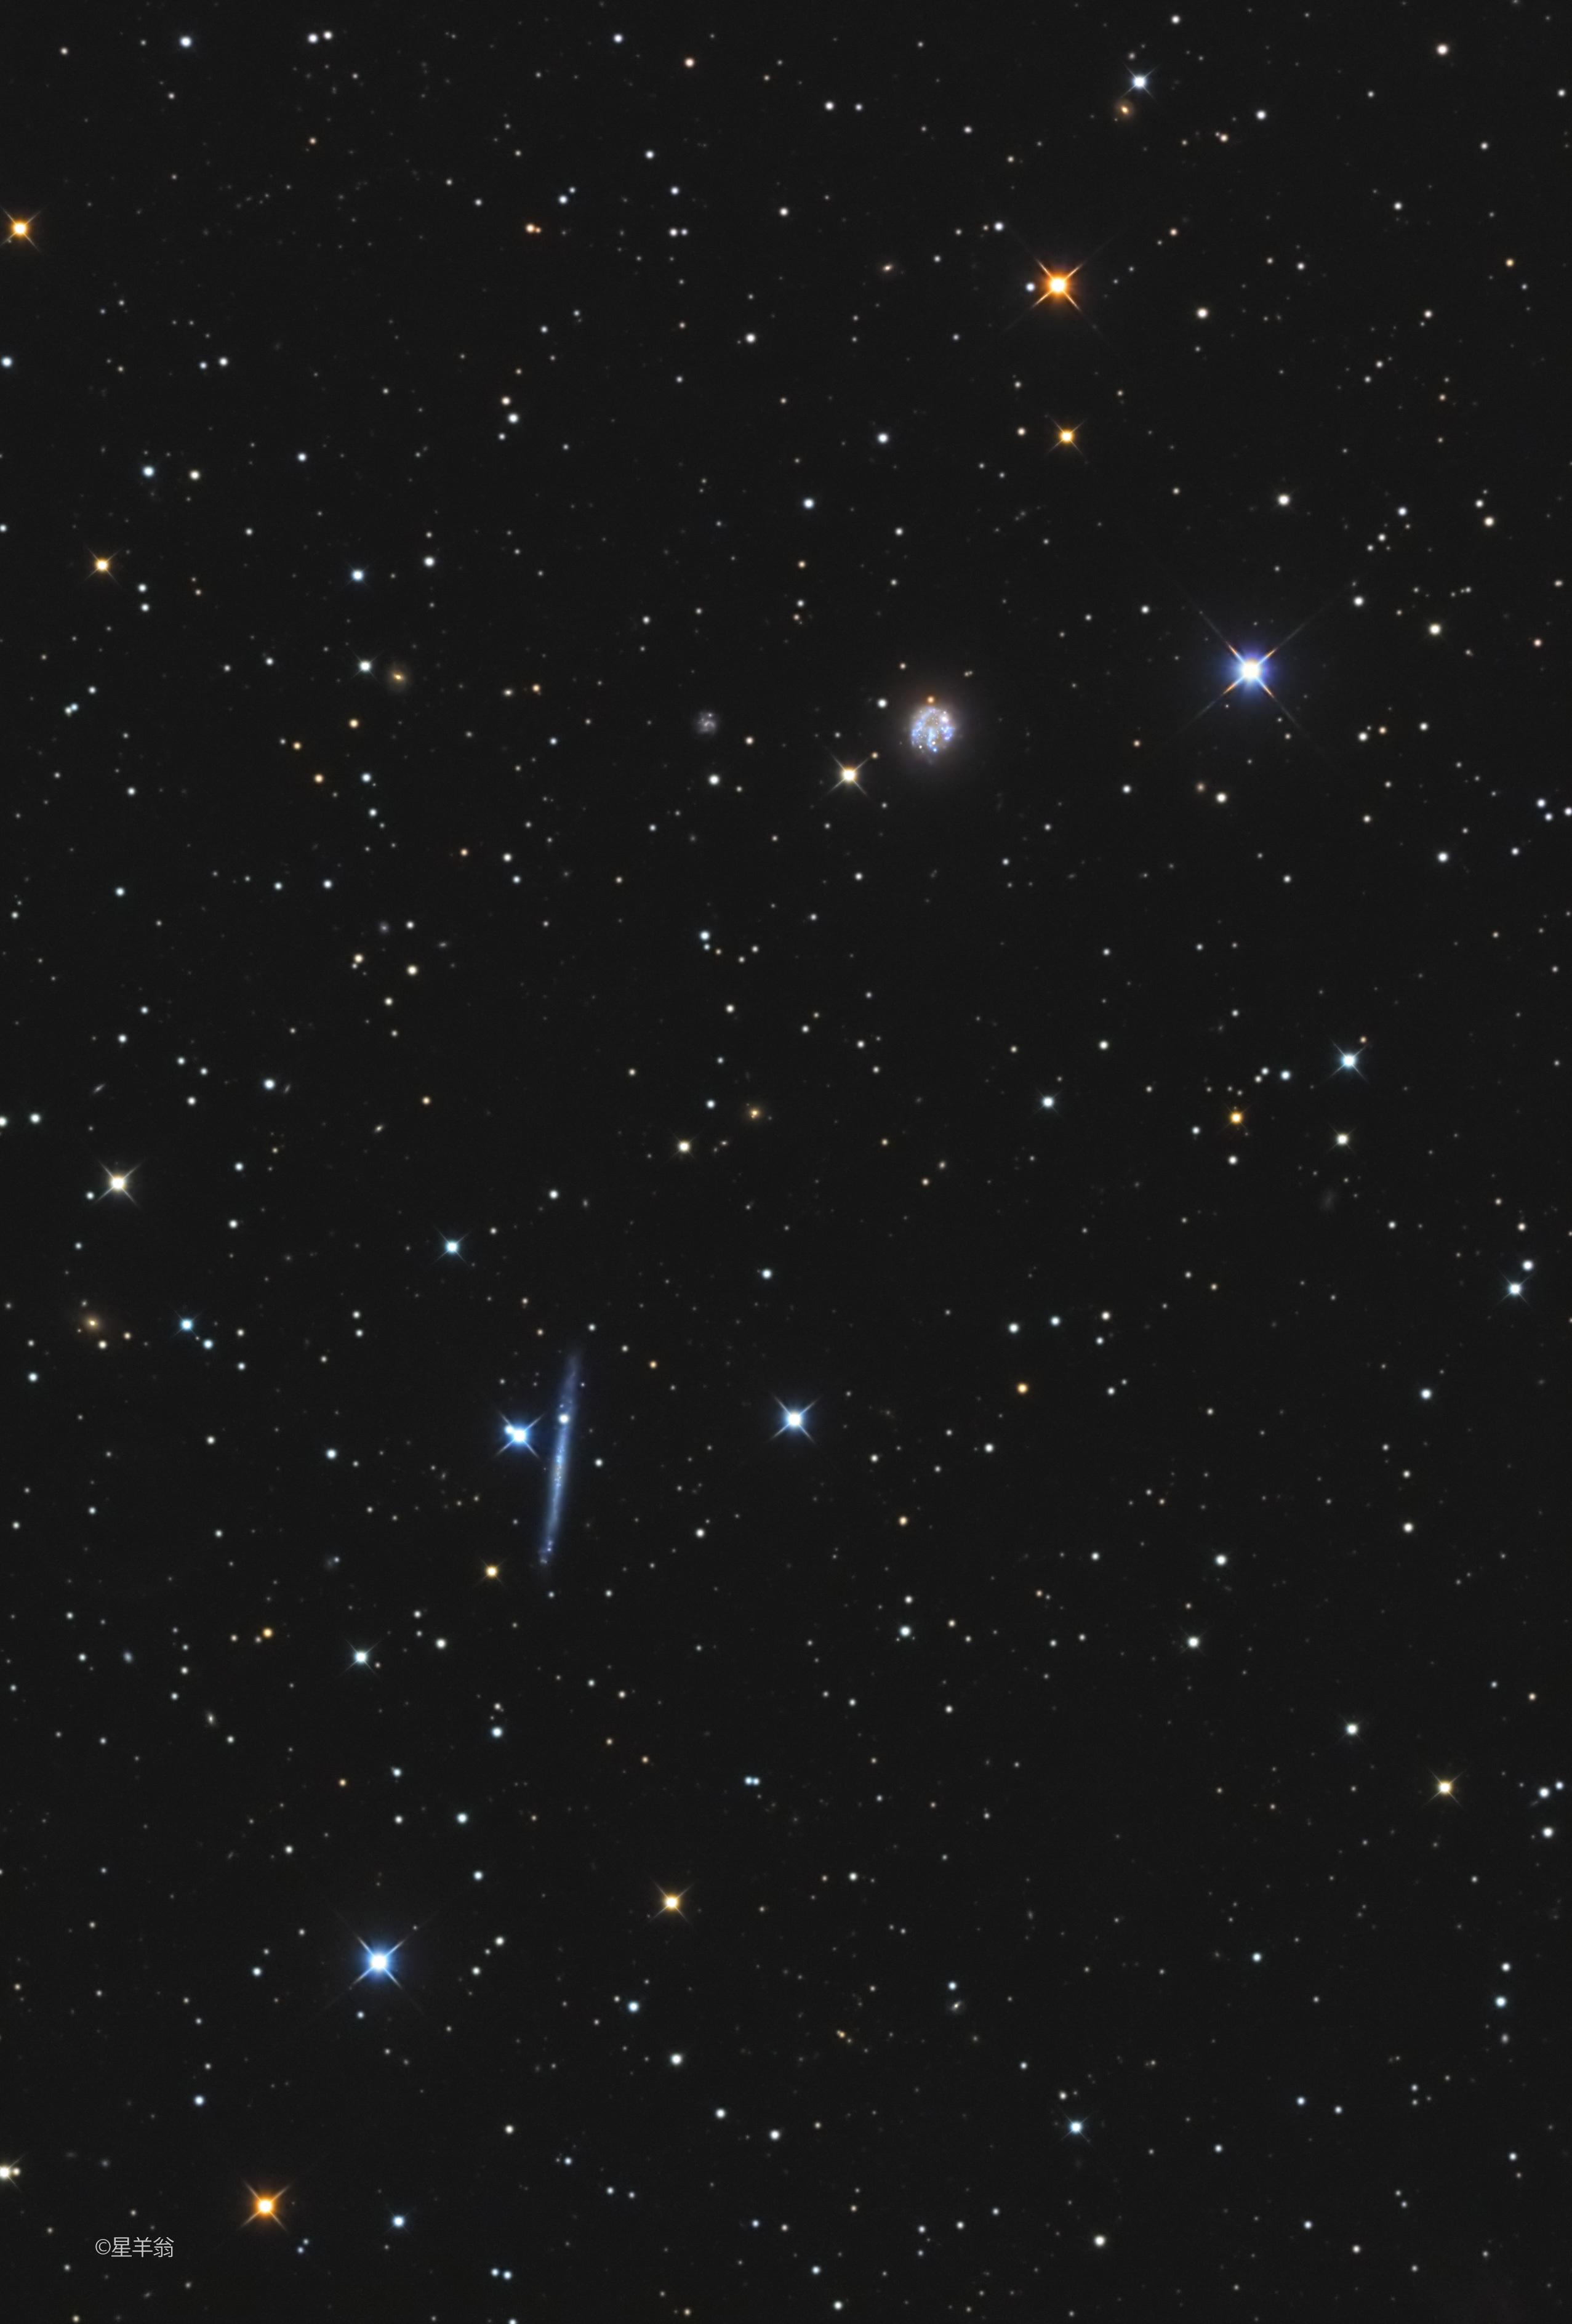 NGC2537